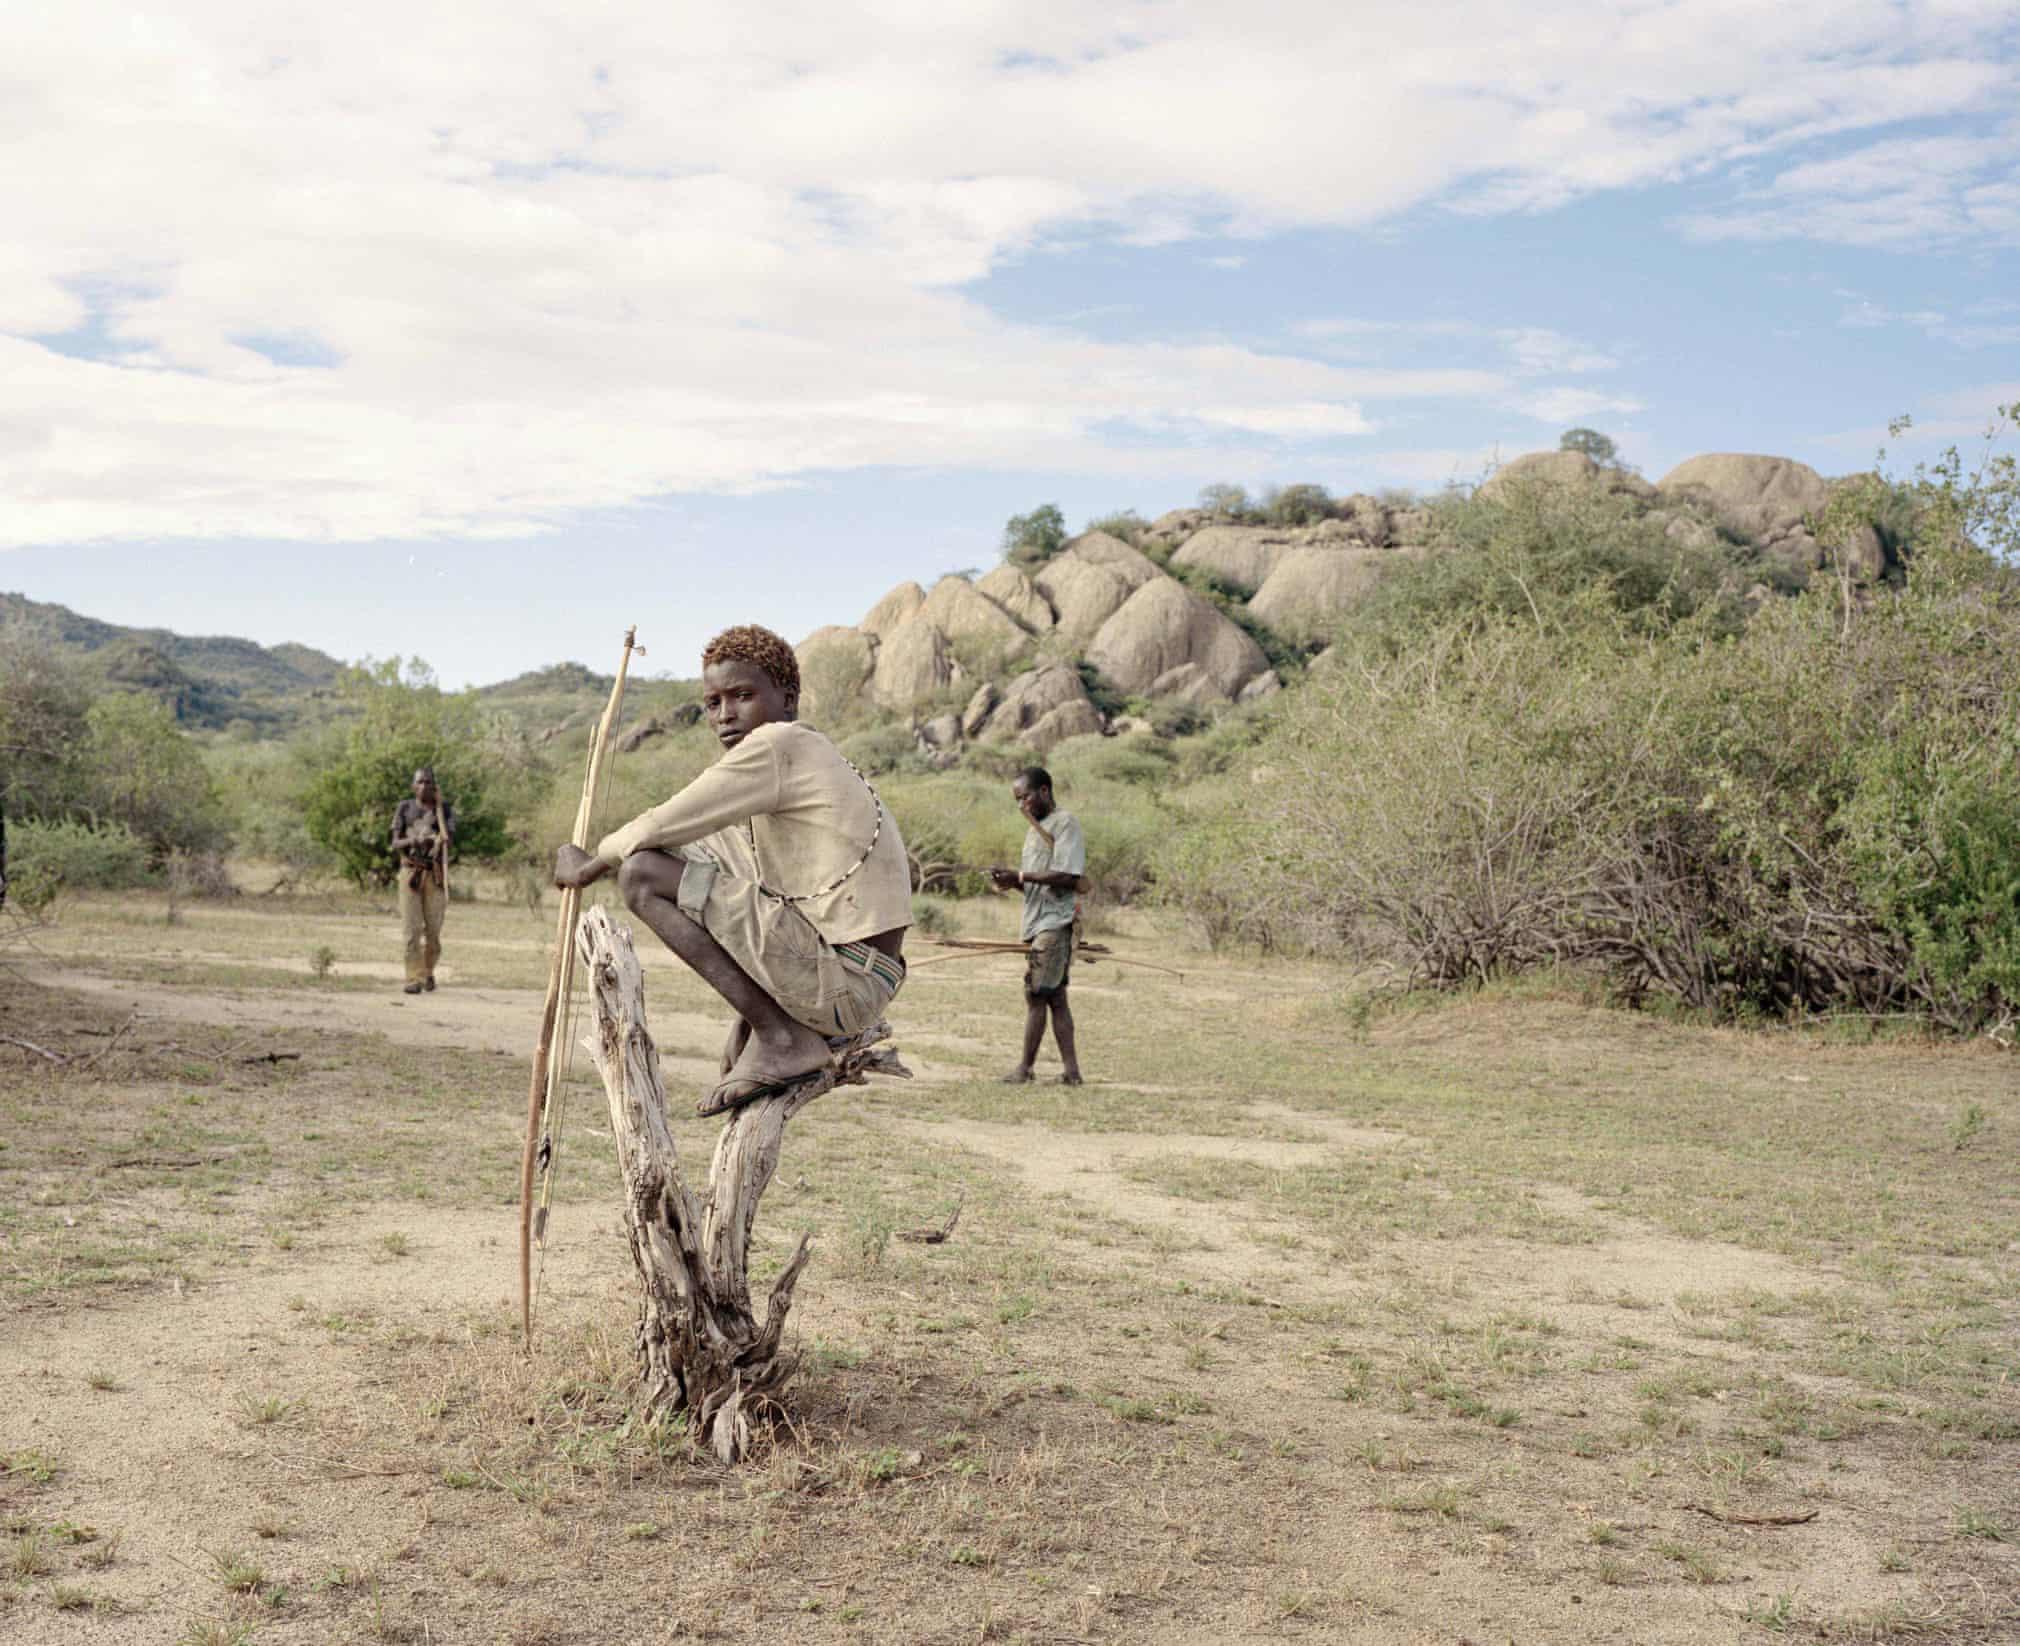 Du lịch khiến tộc người săn bắt, hái lượm hiếm hoi mất chất